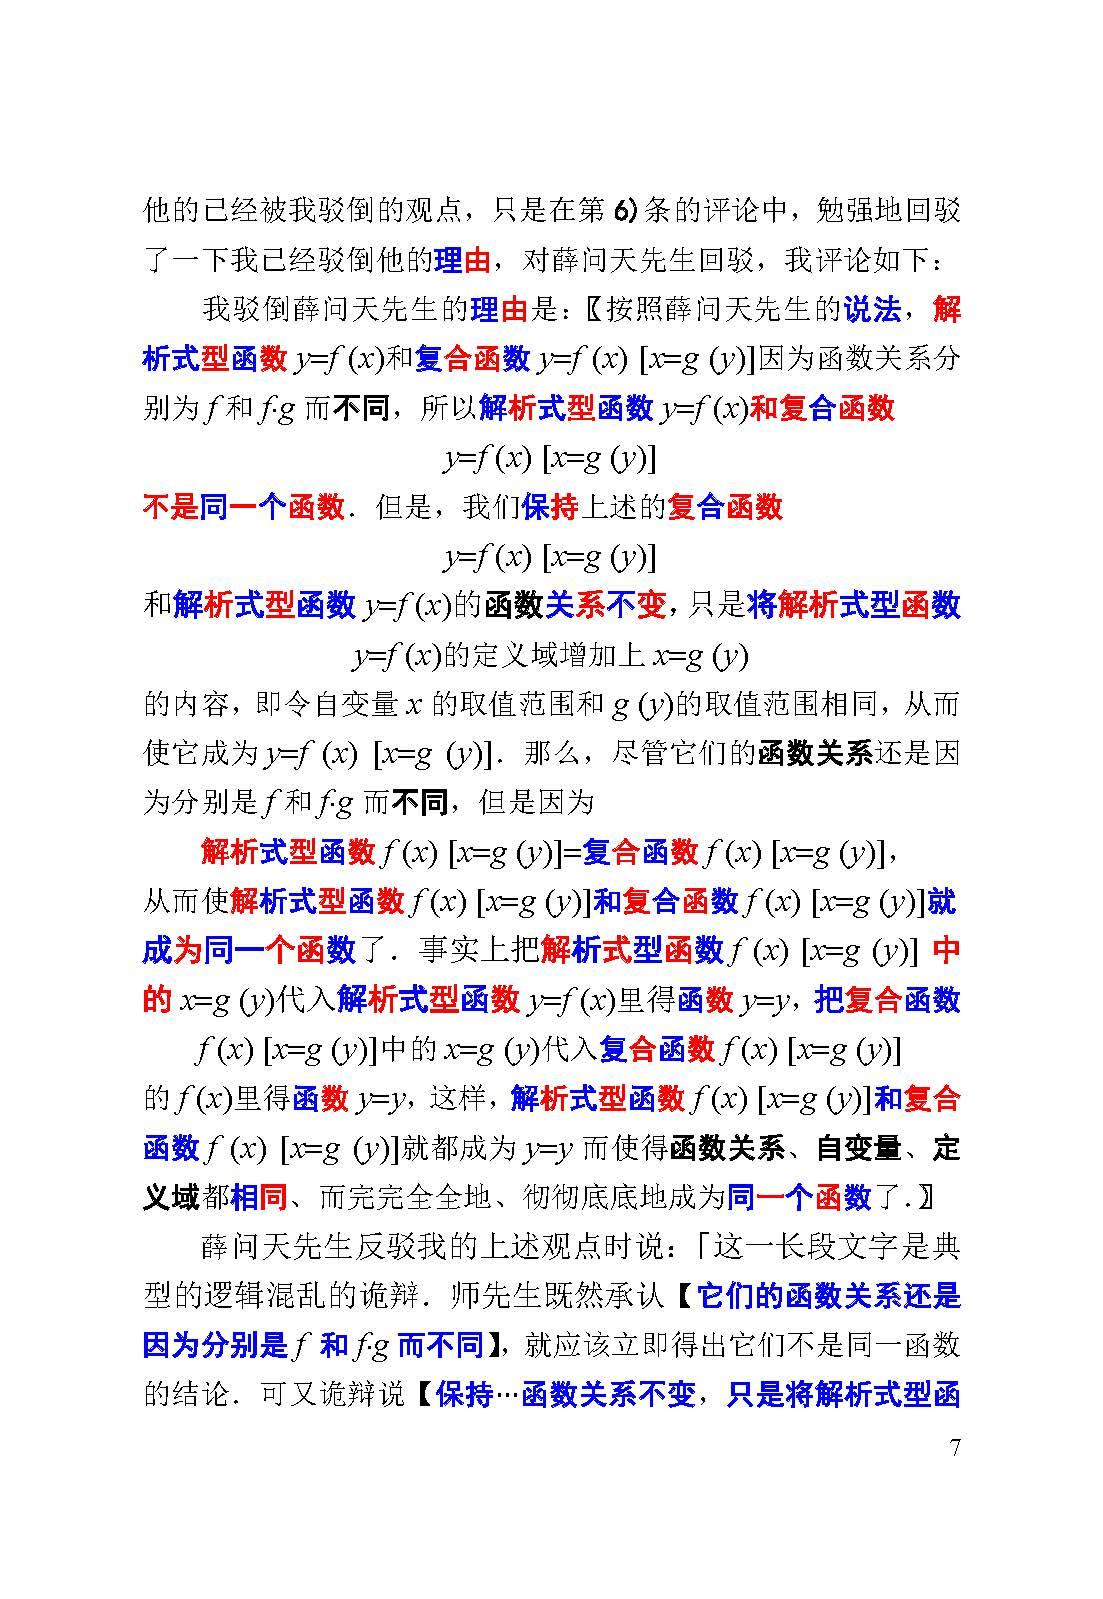 评薛问天先生的文章0428_页面_07.jpg